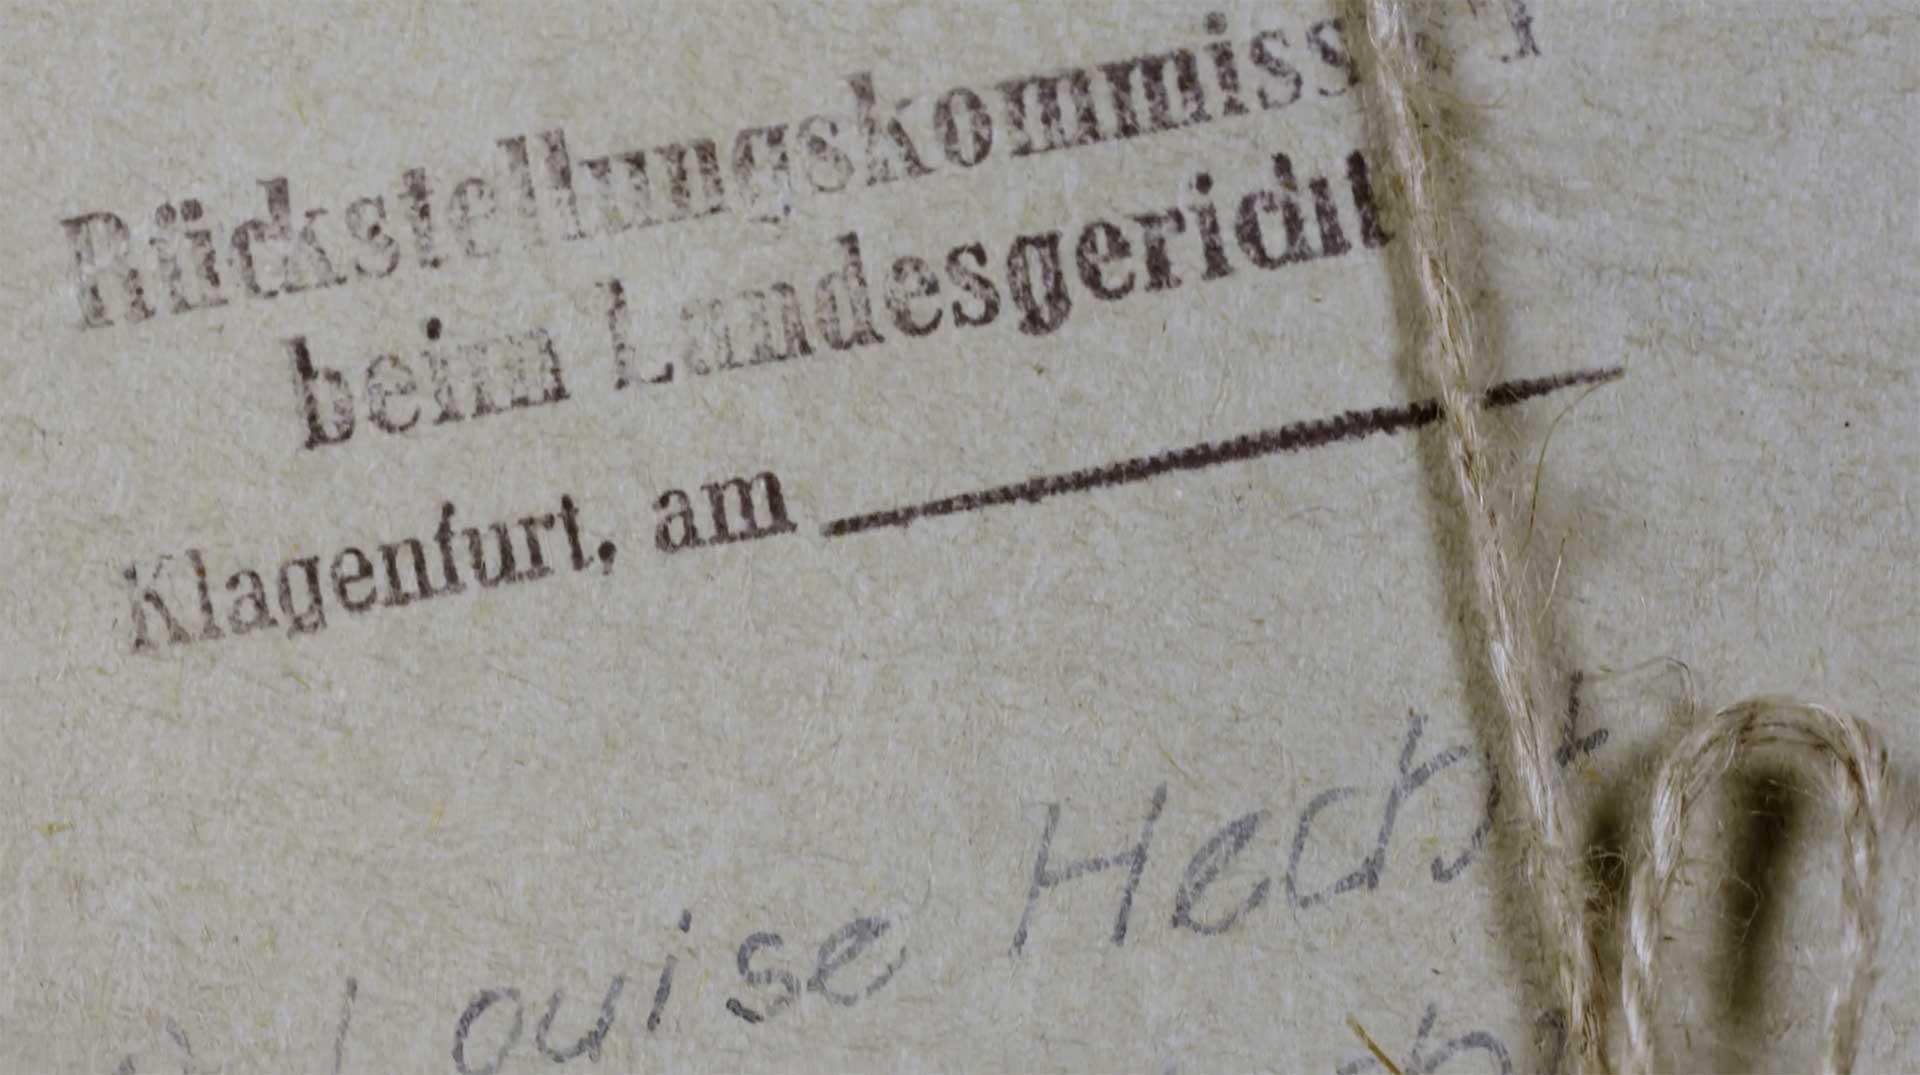 Kärnten (kaernten_07_rueckstellung_hecht.jpg)